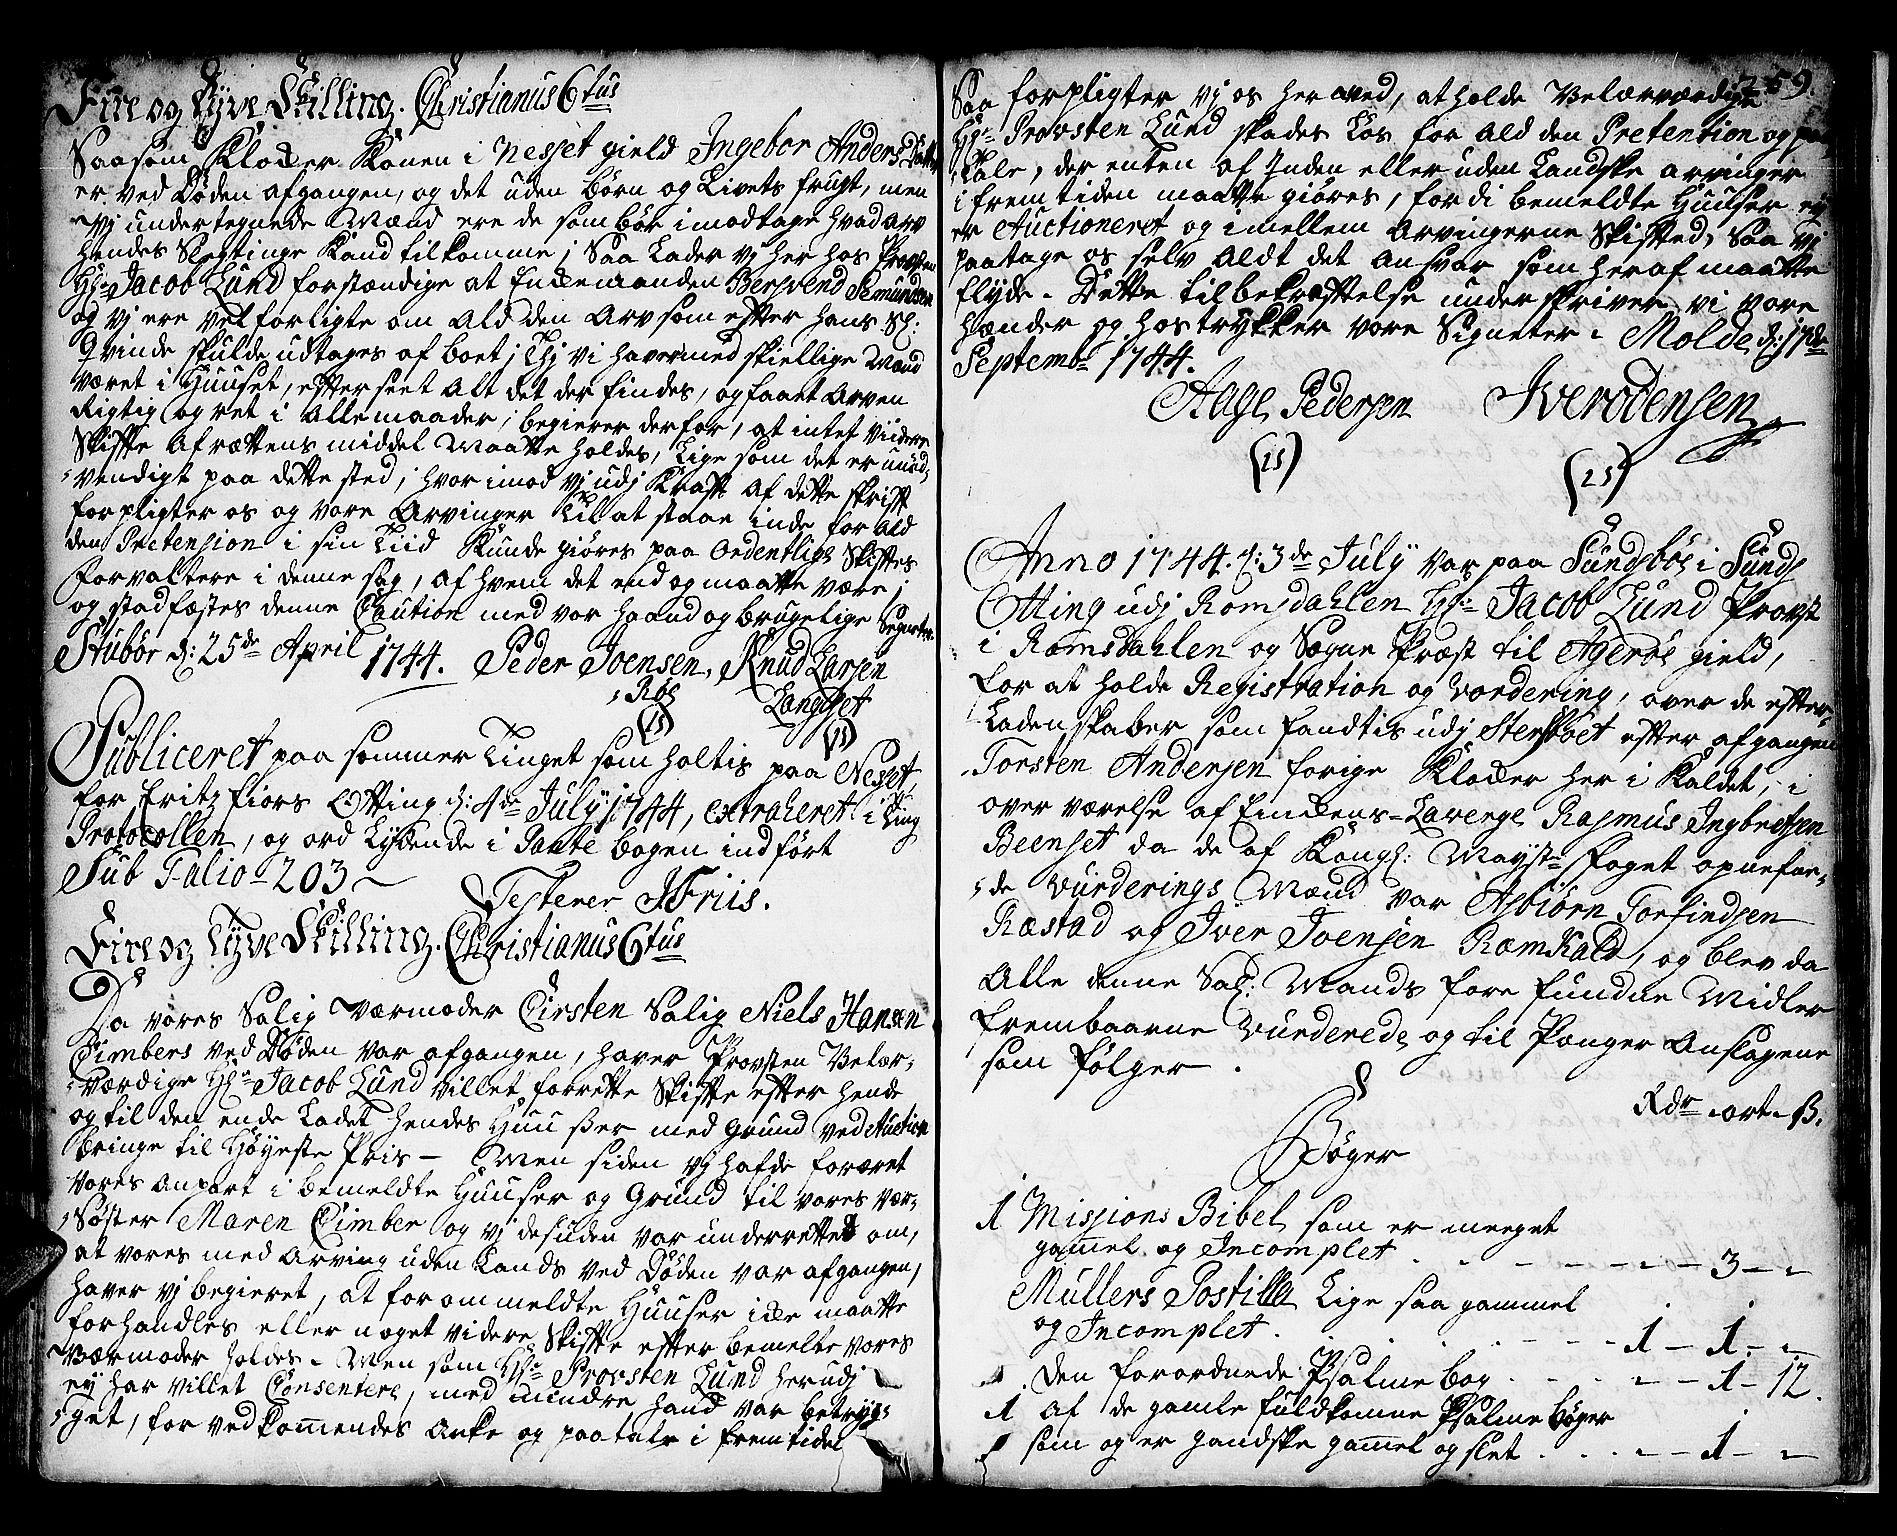 SAT, Romsdal prosti, I/I1/L0001: Retts- og skifteprotokoll m/register, 1706-1749, s. 258b-259a